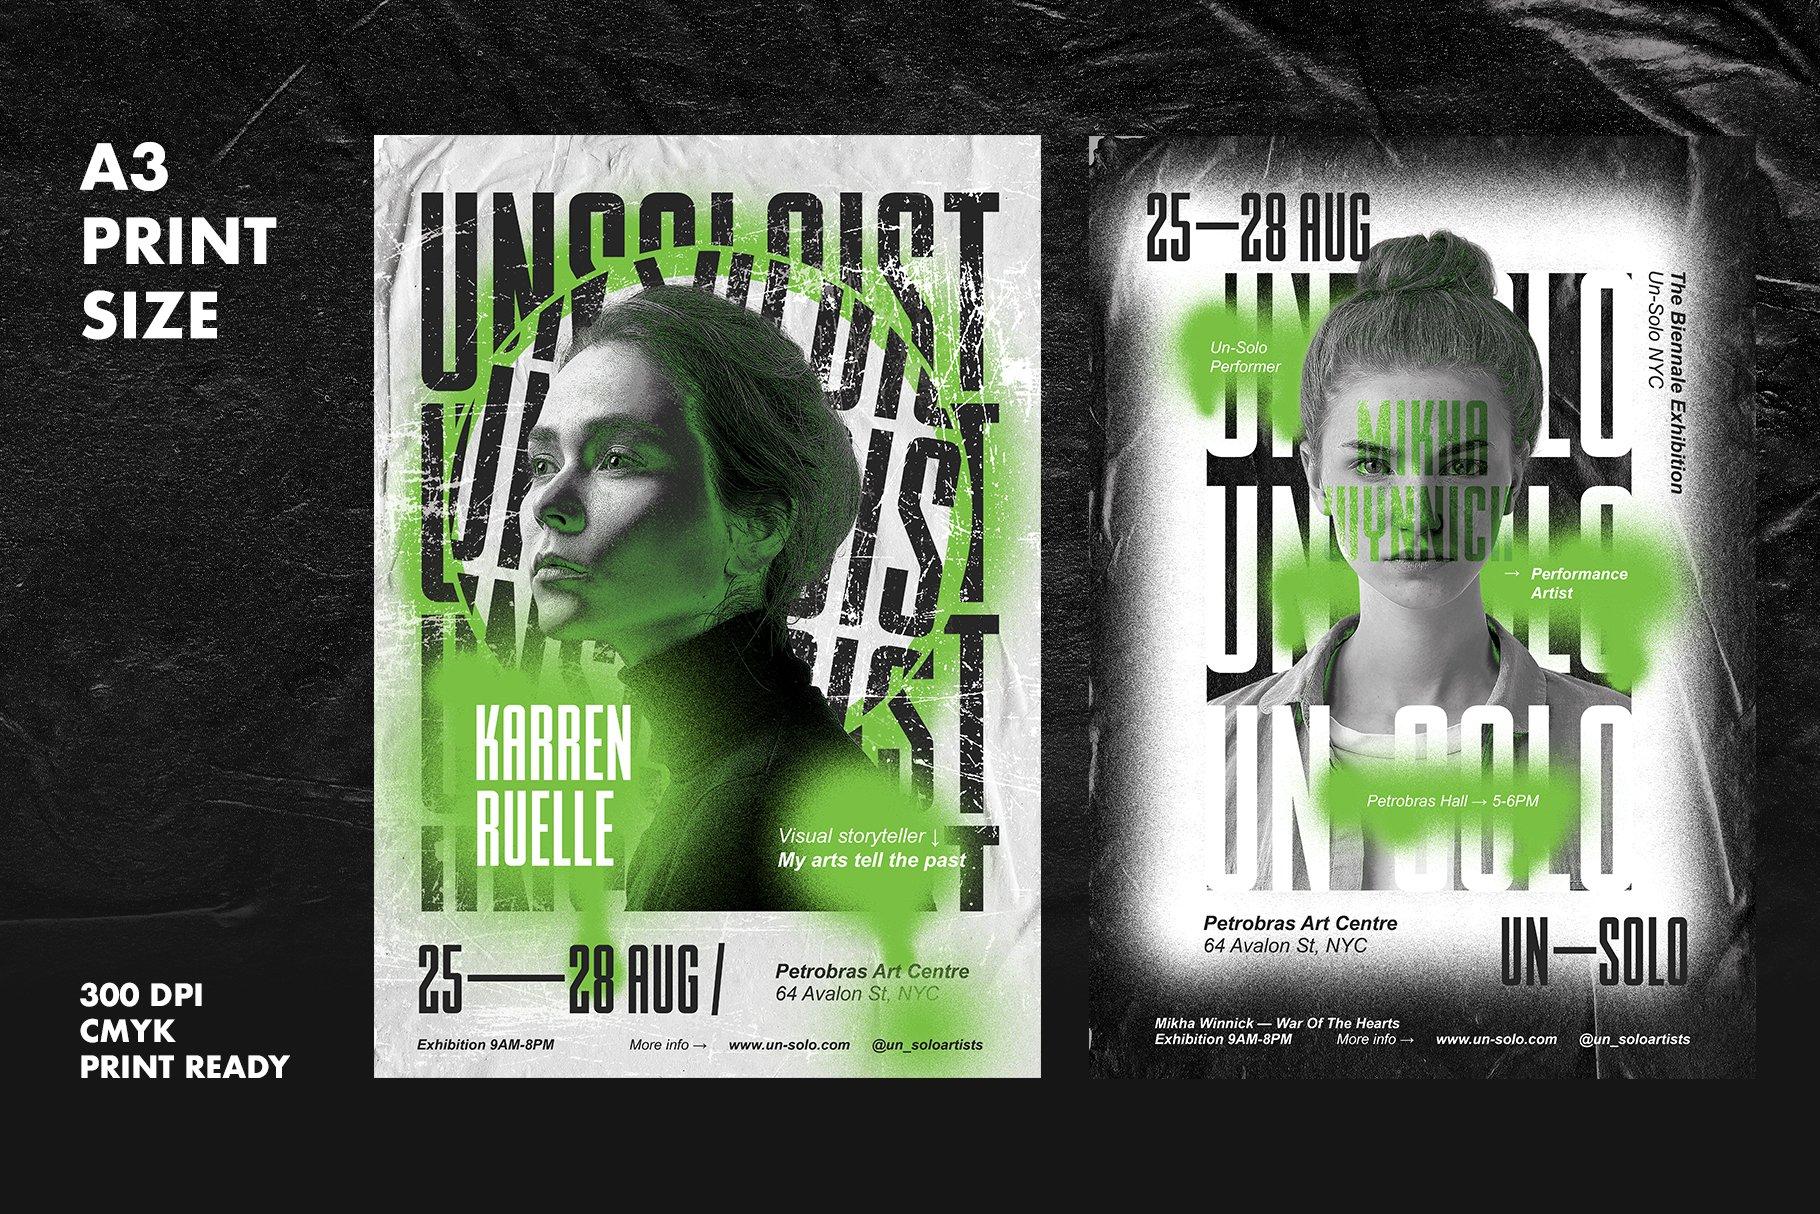 7款艺术气息做旧褶皱涂鸦效果城市街头传单海报设计PSD模板 Artist Event Poster Templates插图(1)